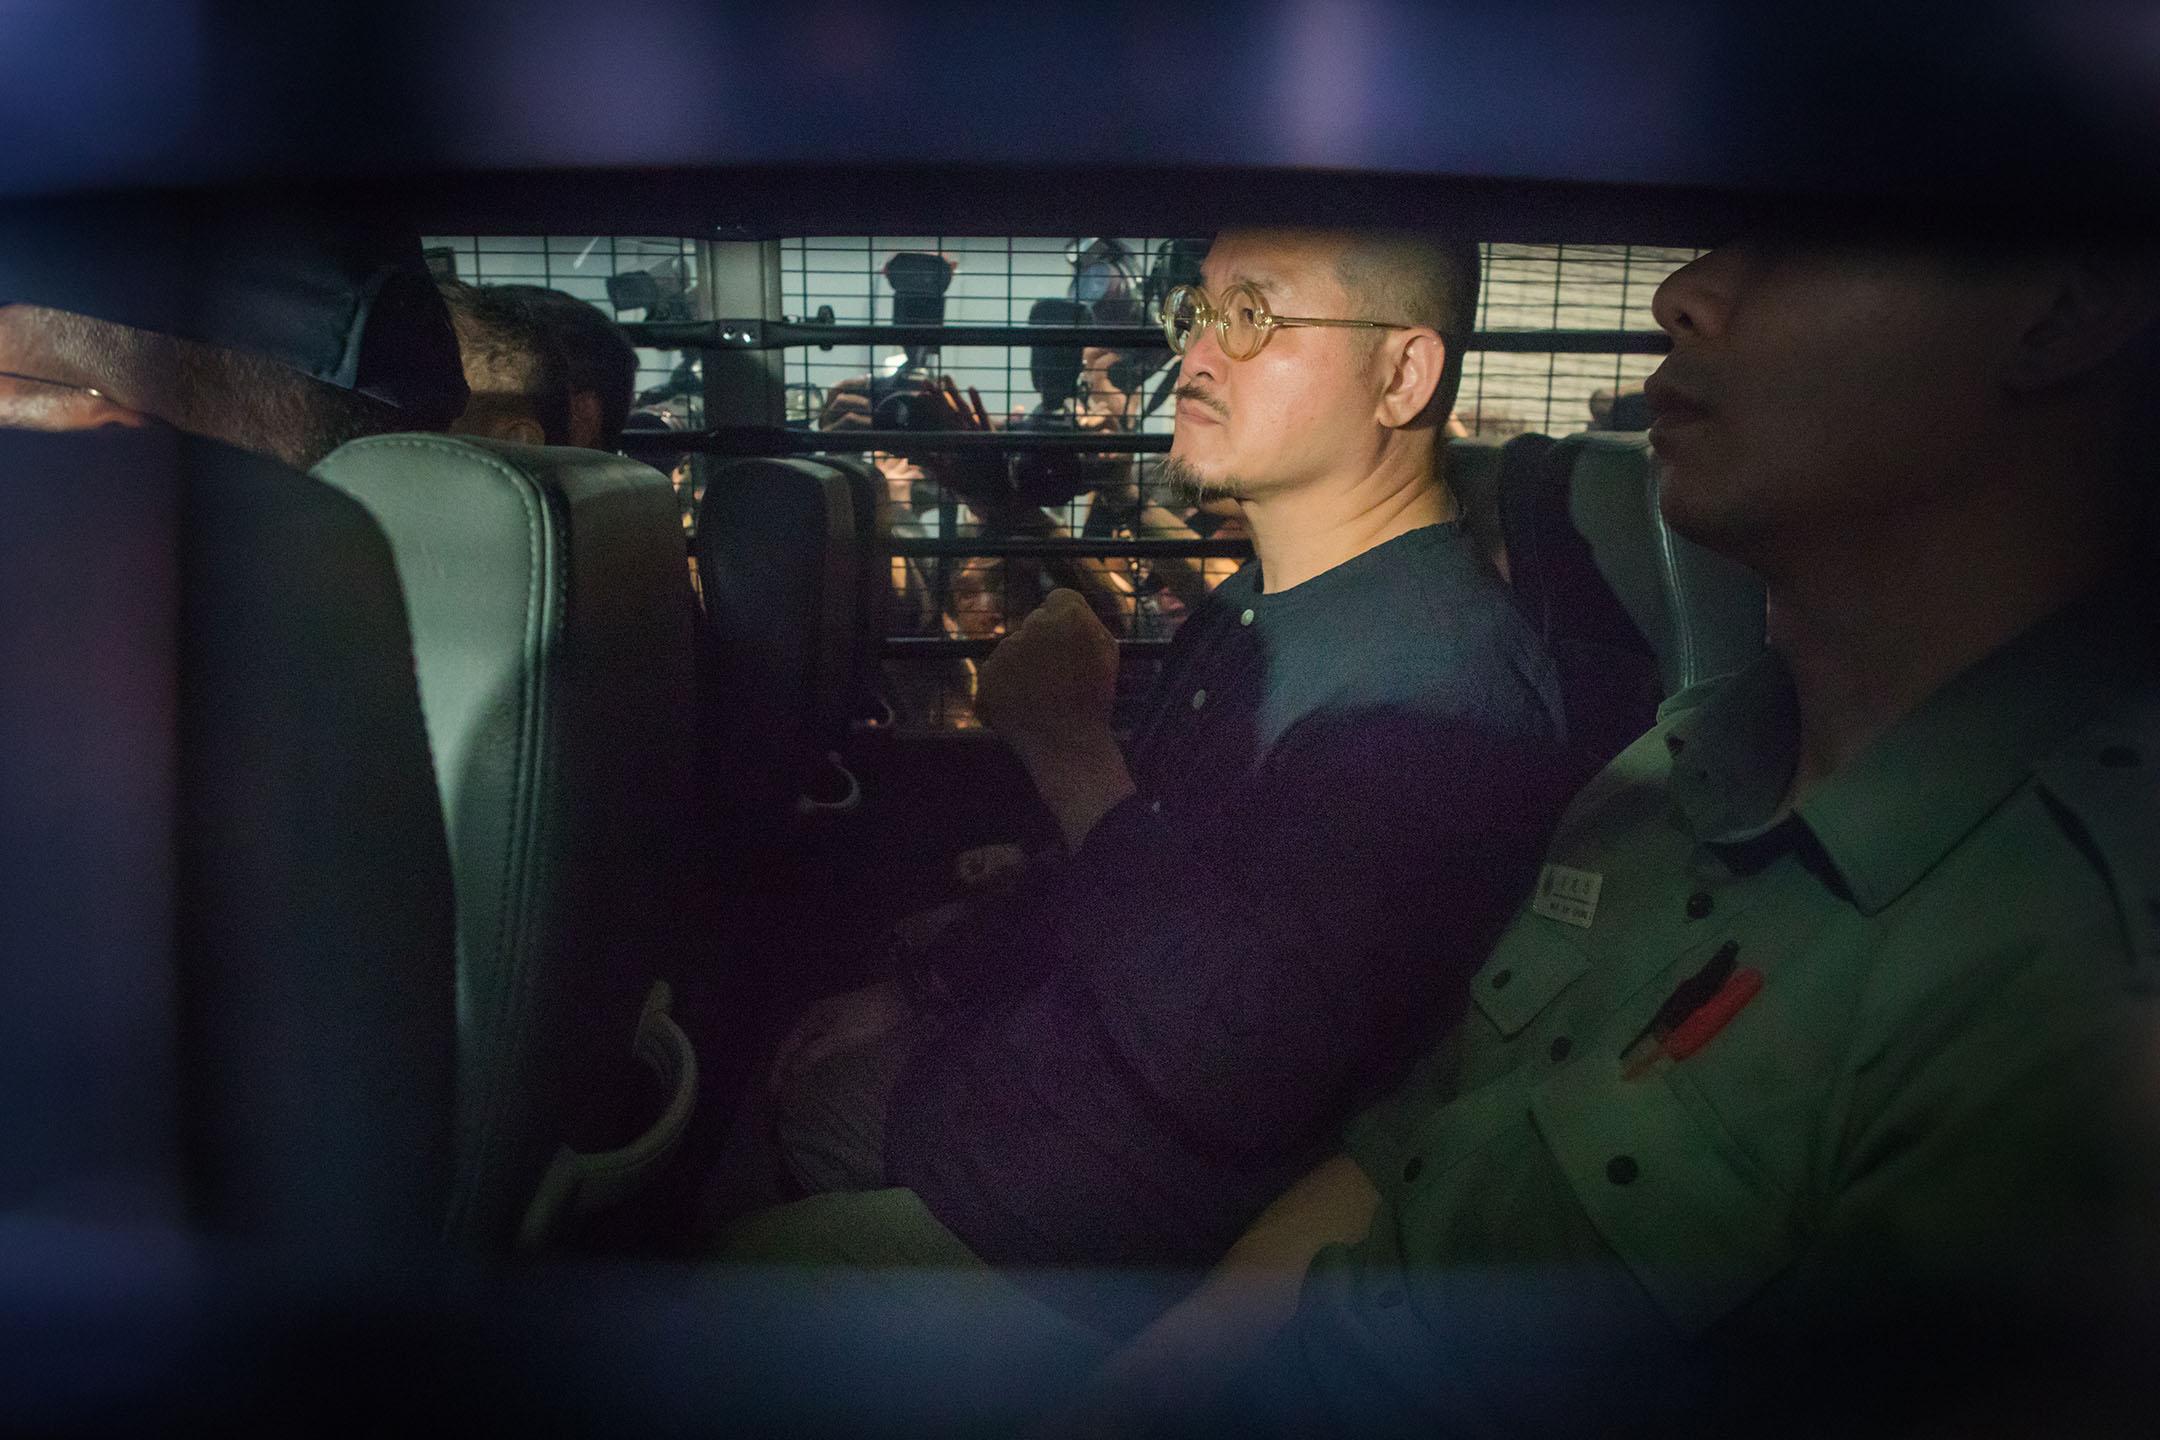 2019年4月24日,佔中九子案在西九龍裁判法院判決,邵家臻在囚車上,他被判監八個月。